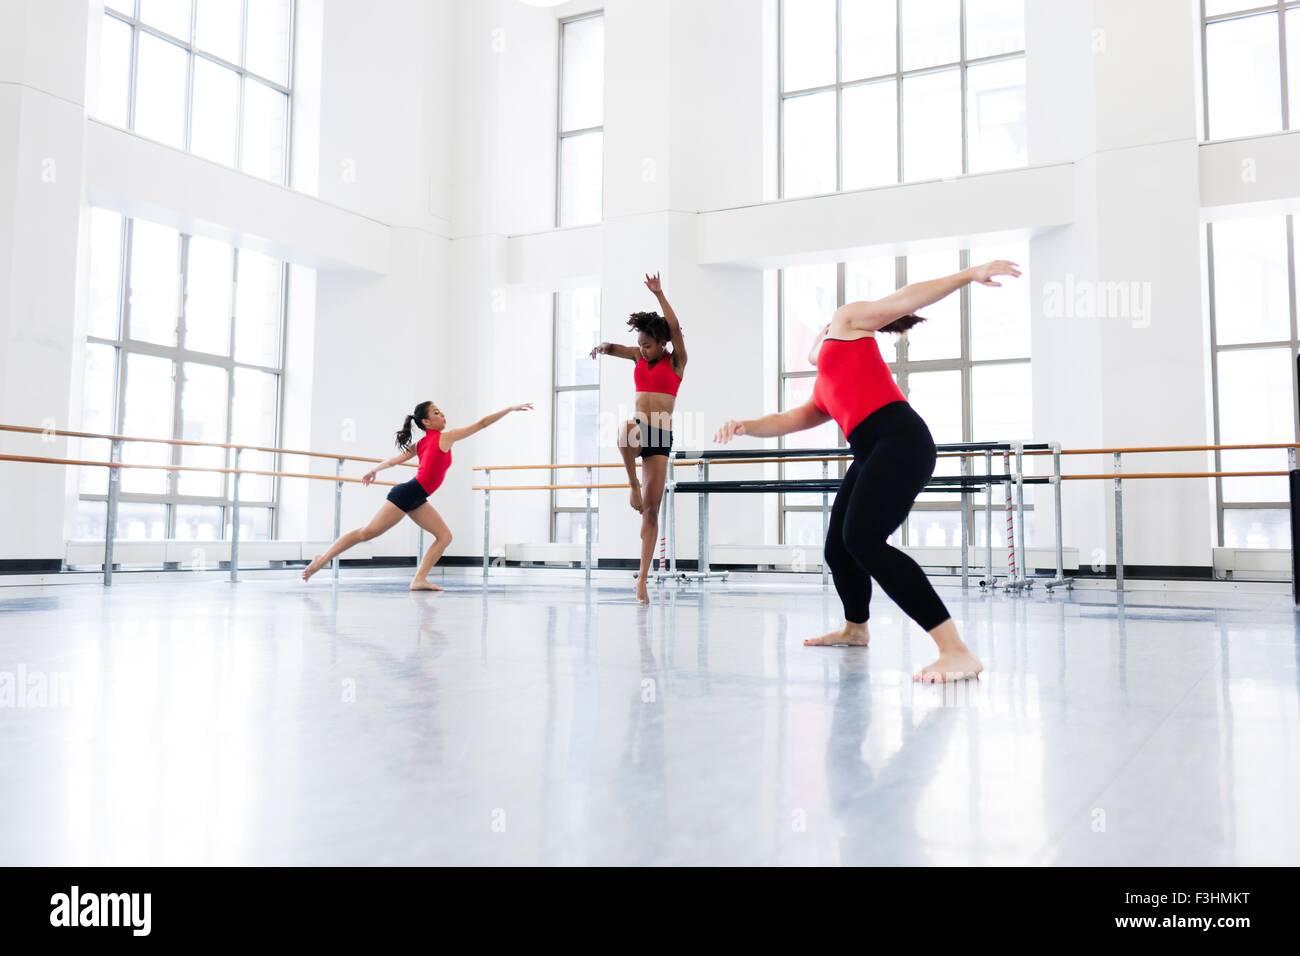 Las mujeres jóvenes en el estudio de baile baile Imagen De Stock